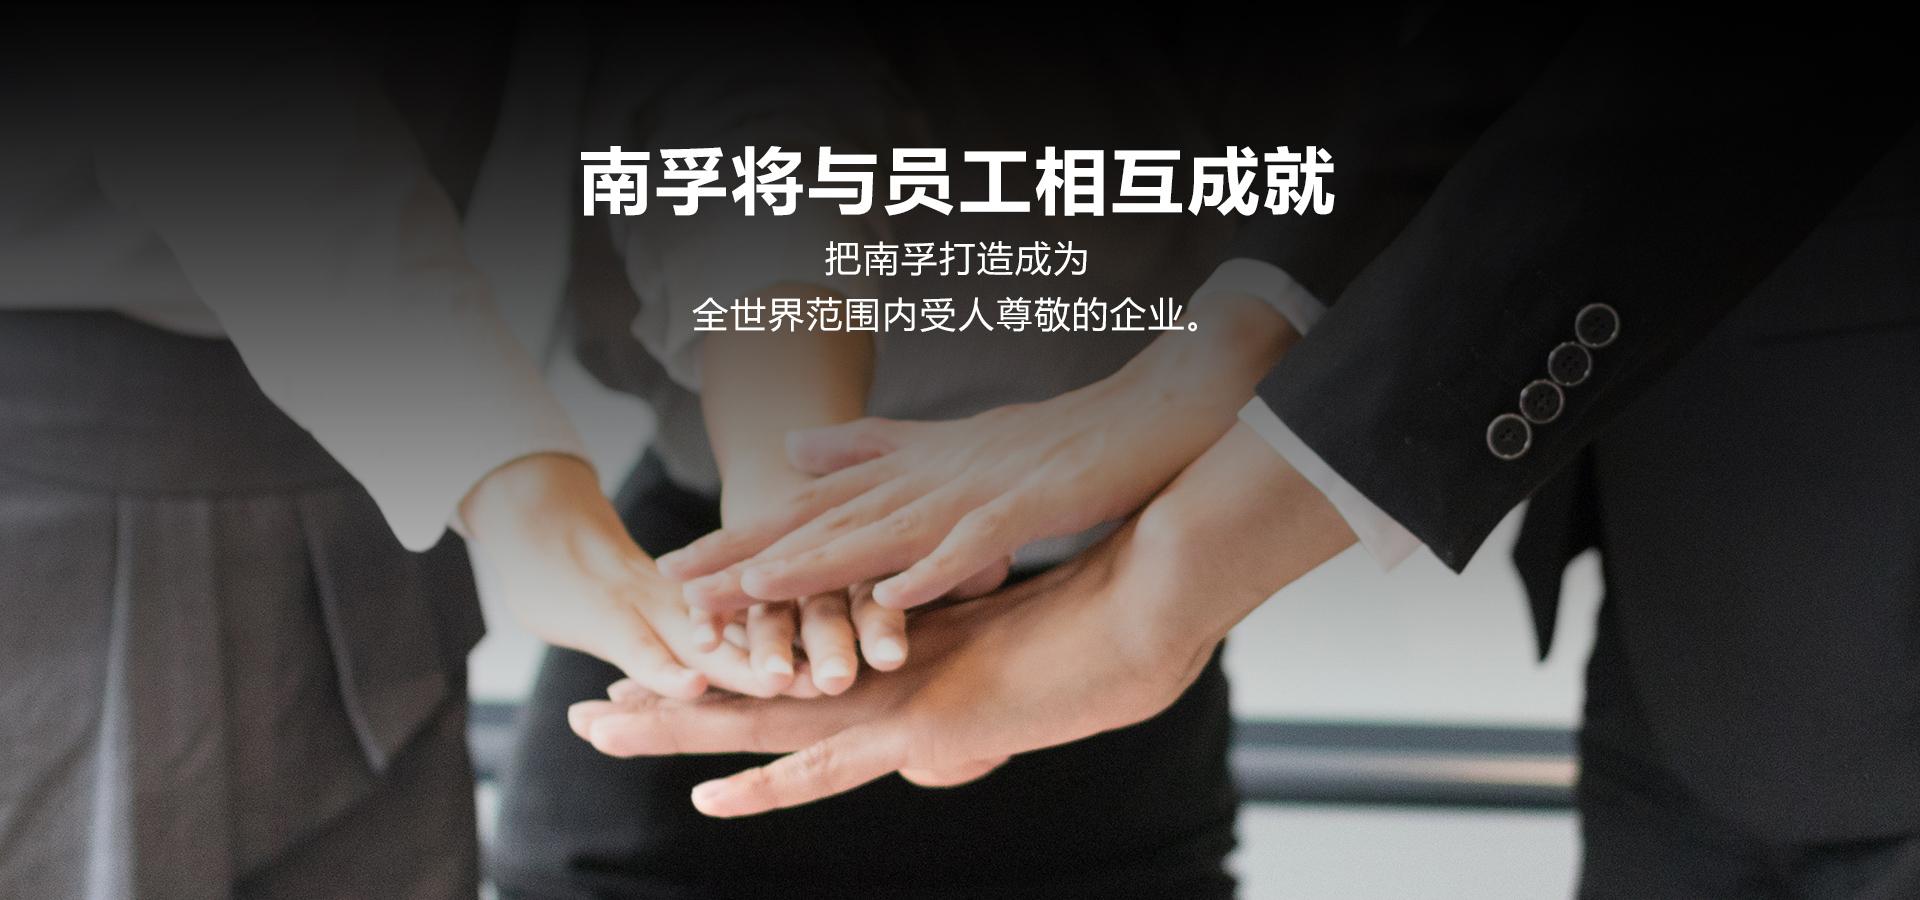 04-招贤纳士-人才需求_09.jpg